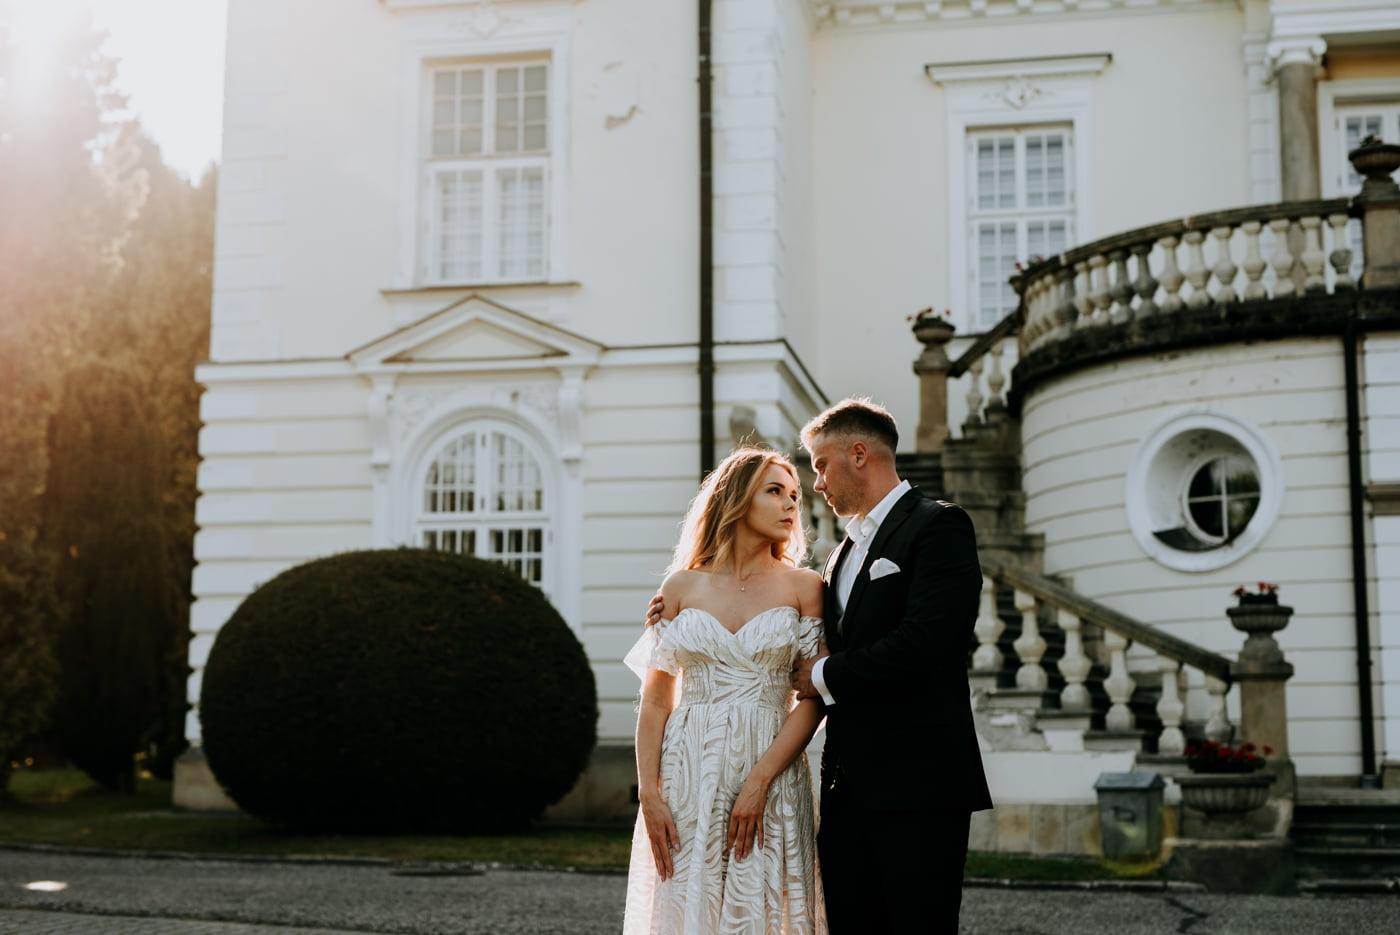 Sesja w pałacu Radziwiłłów- Katarzyna i Amadeusz 8